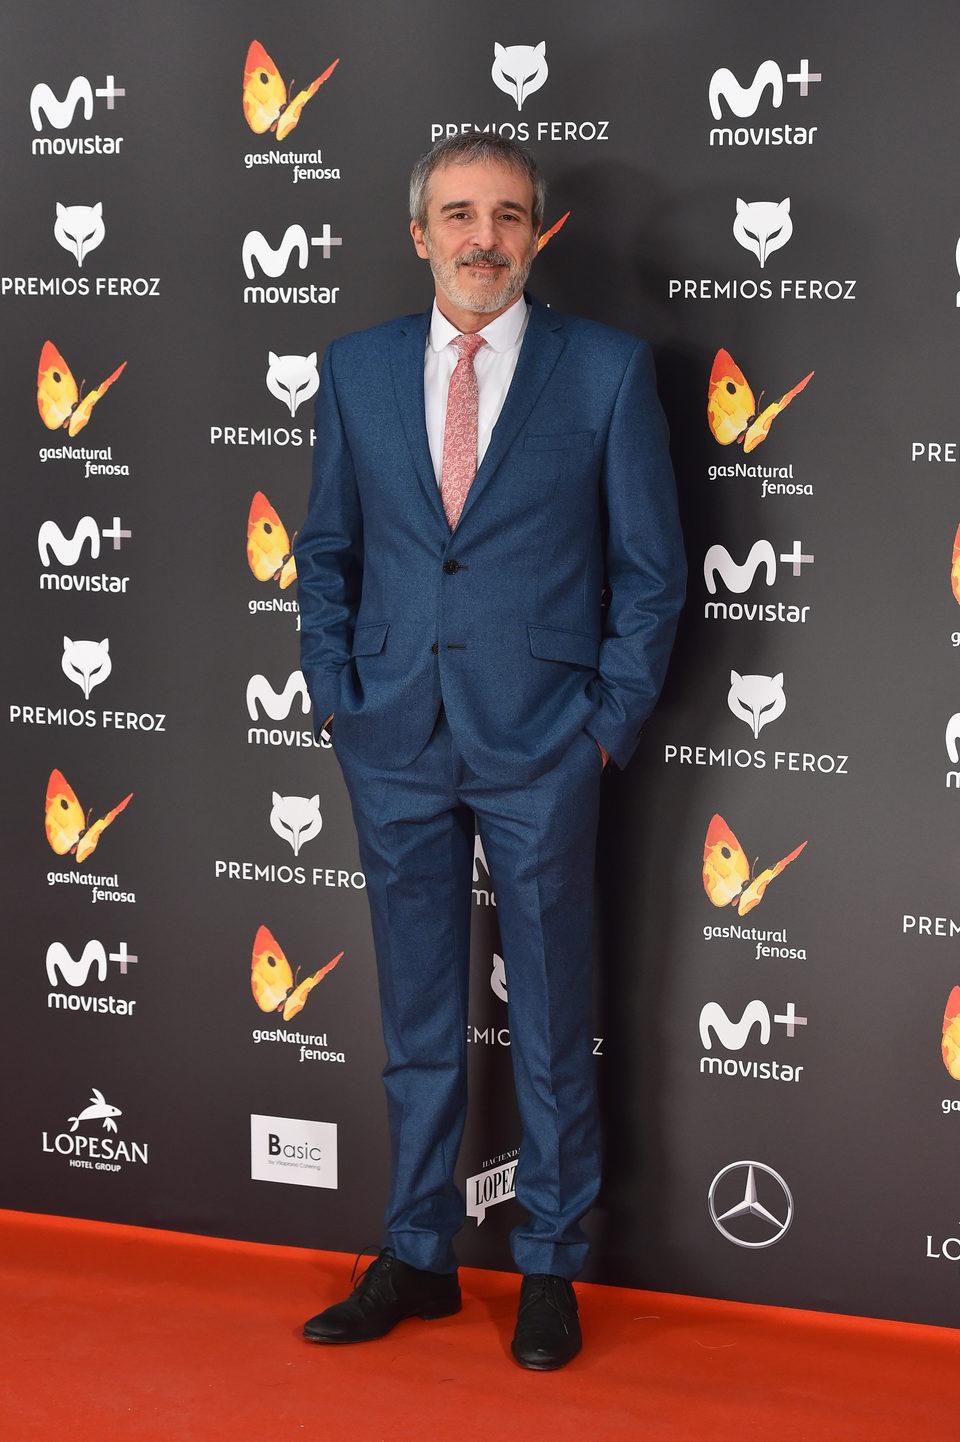 Fernando Guillén Cuervo en la alfombra roja de los Premios Feroz 2017